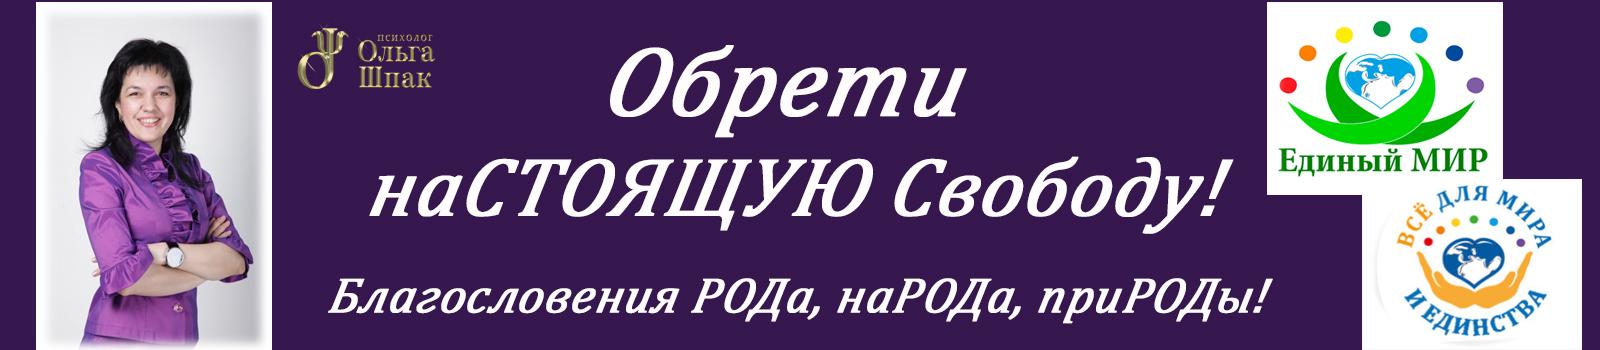 7 - фиолетовый